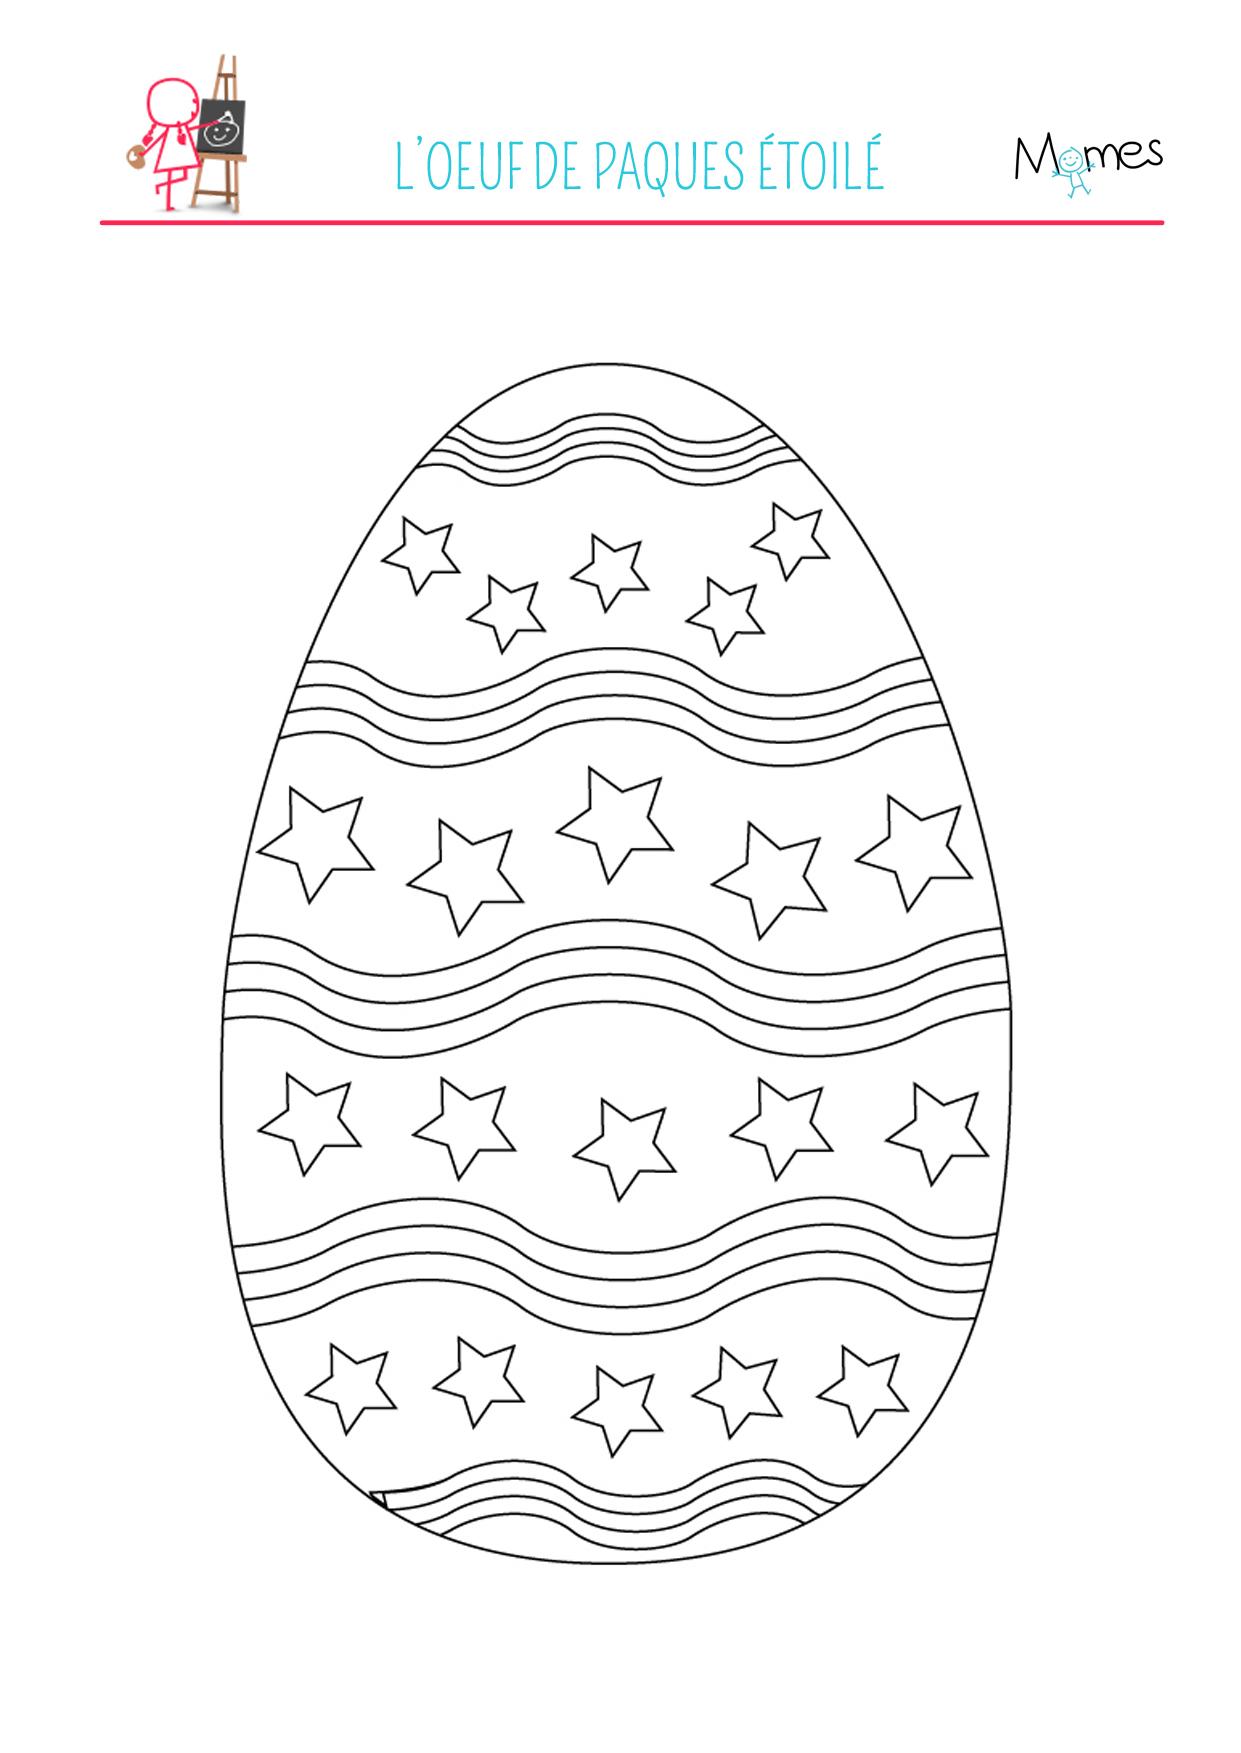 Coloriage de l'œuf de Pâques décoré